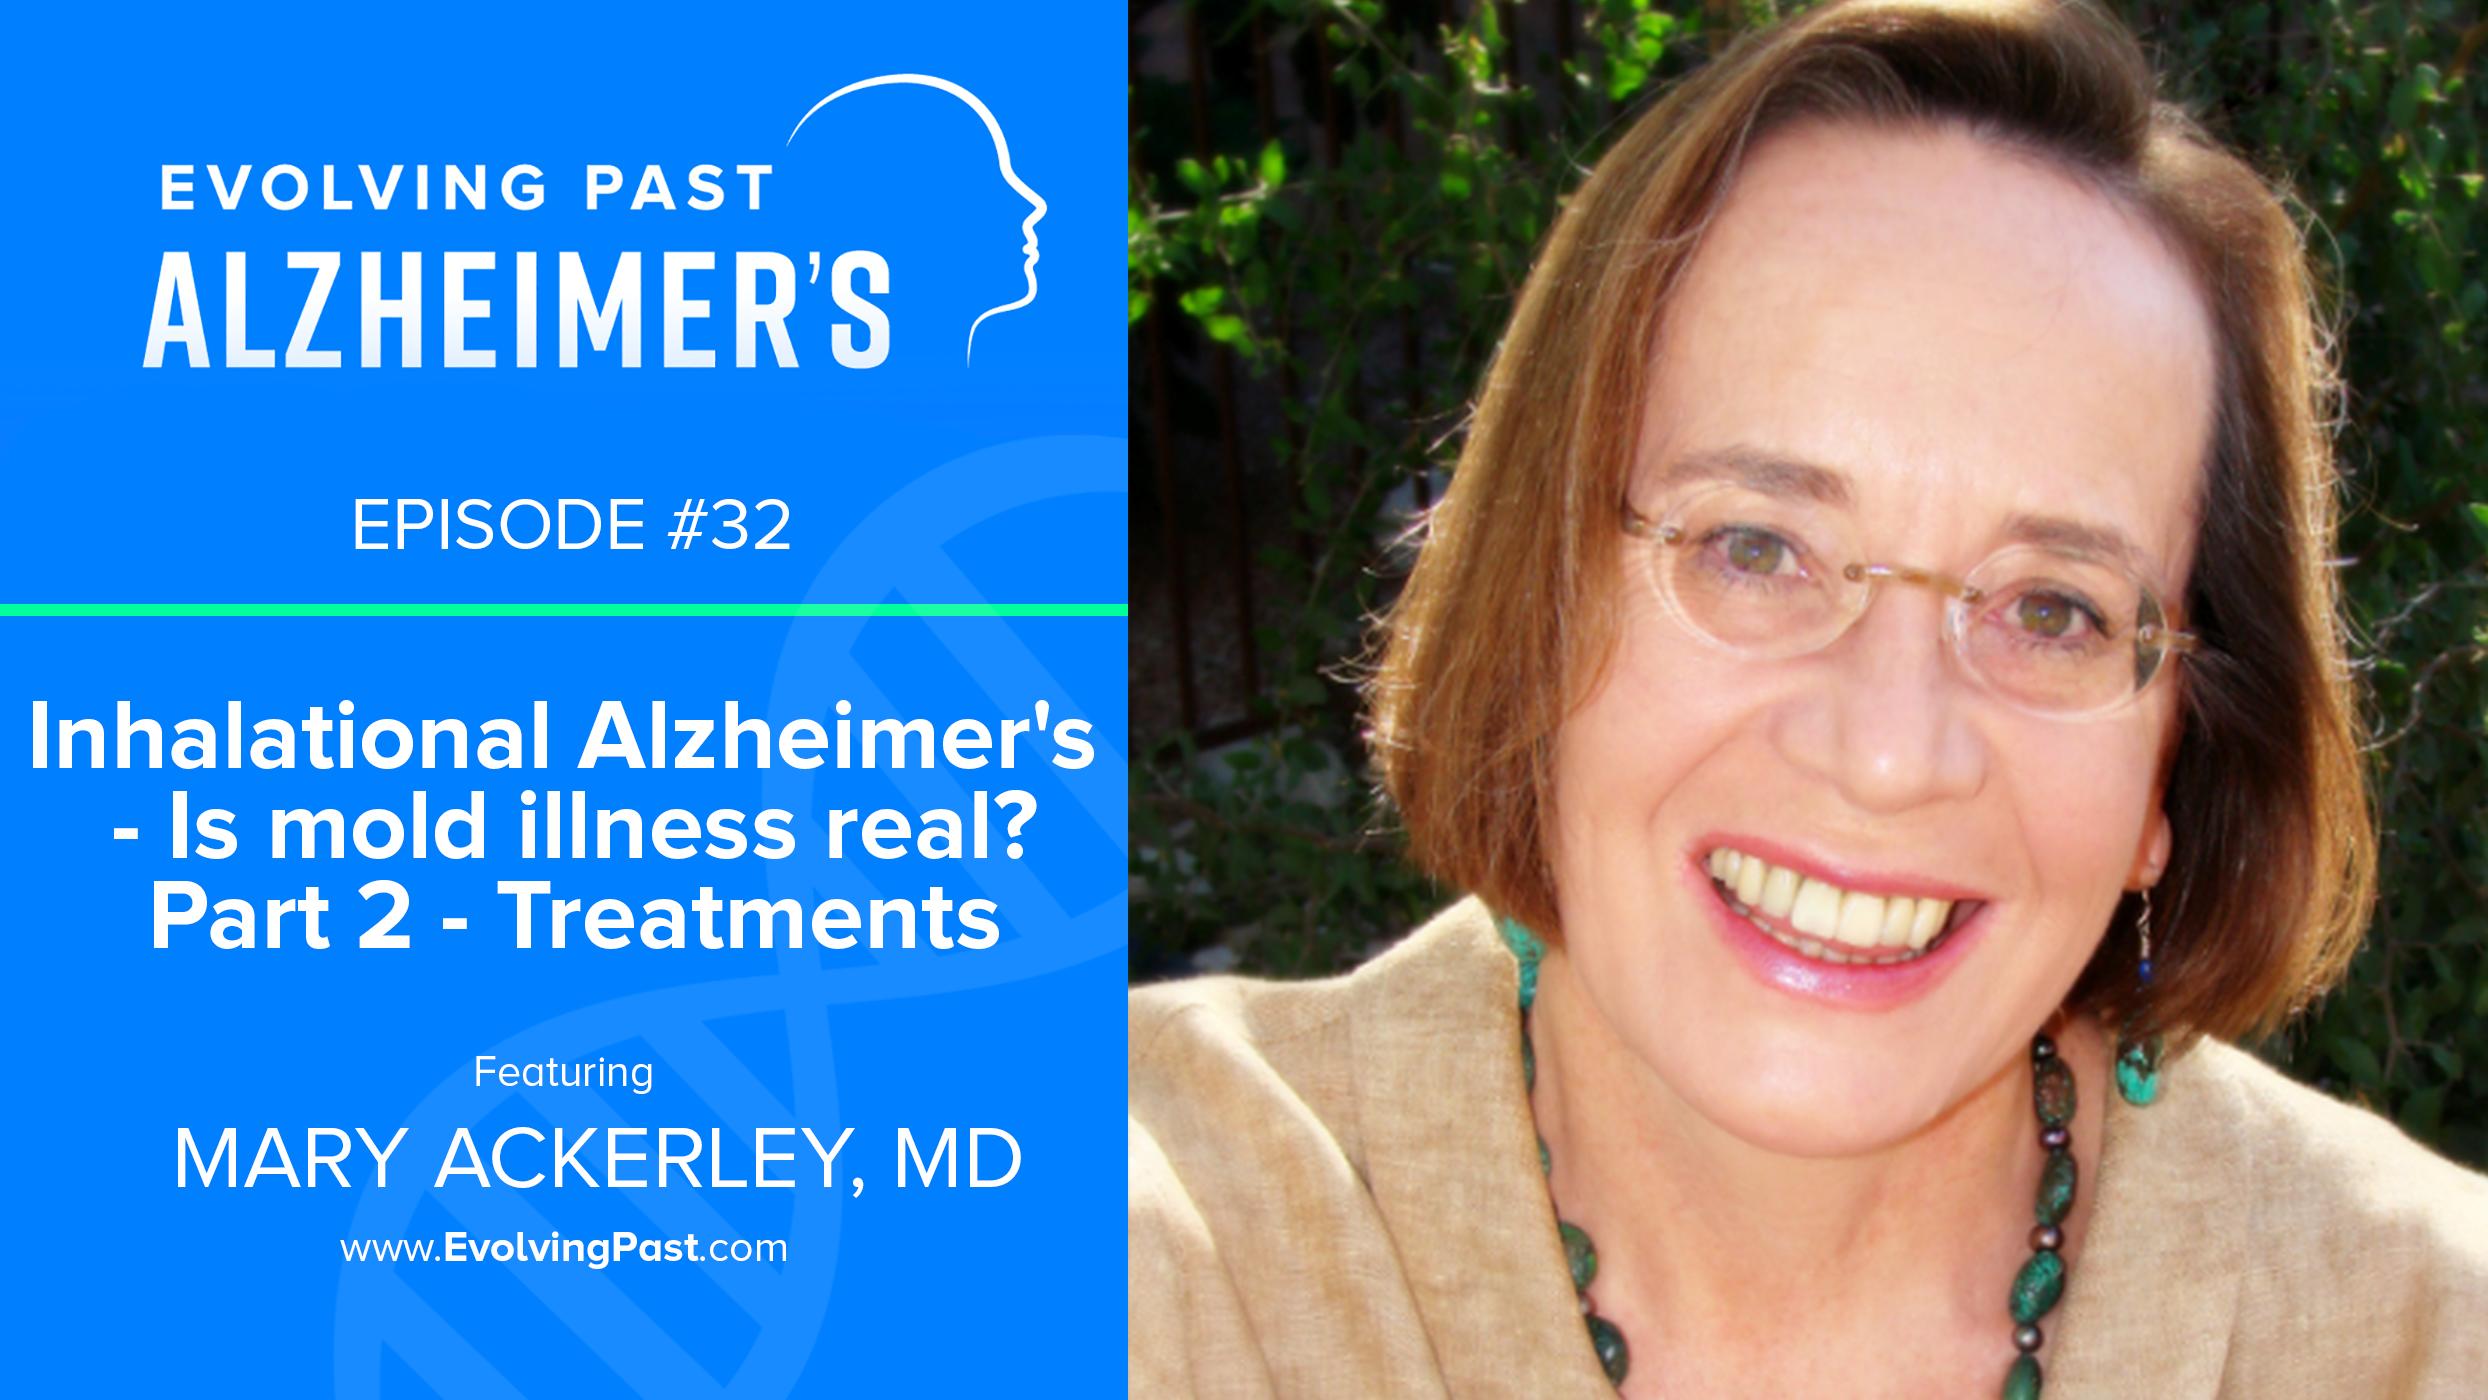 Evolving Past Alzheimer's EPISODE 32 Mary Ackerley 2